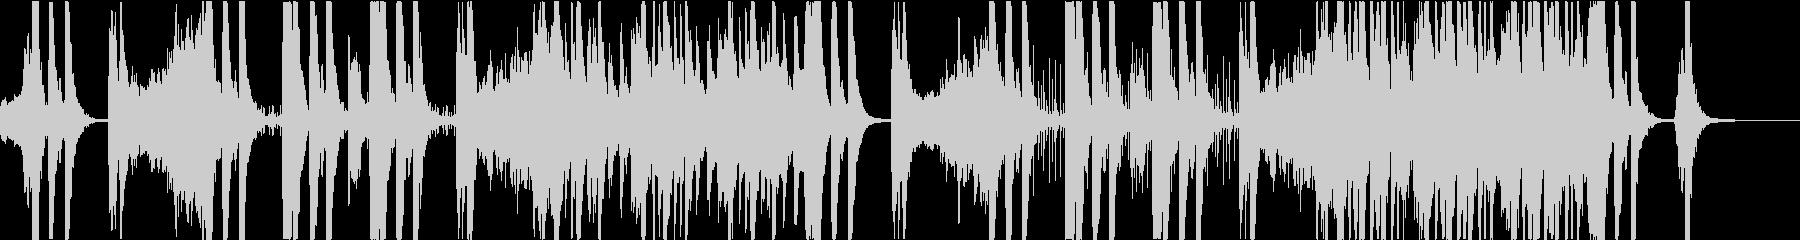 現代的 交響曲 アクティブ 明るい...の未再生の波形